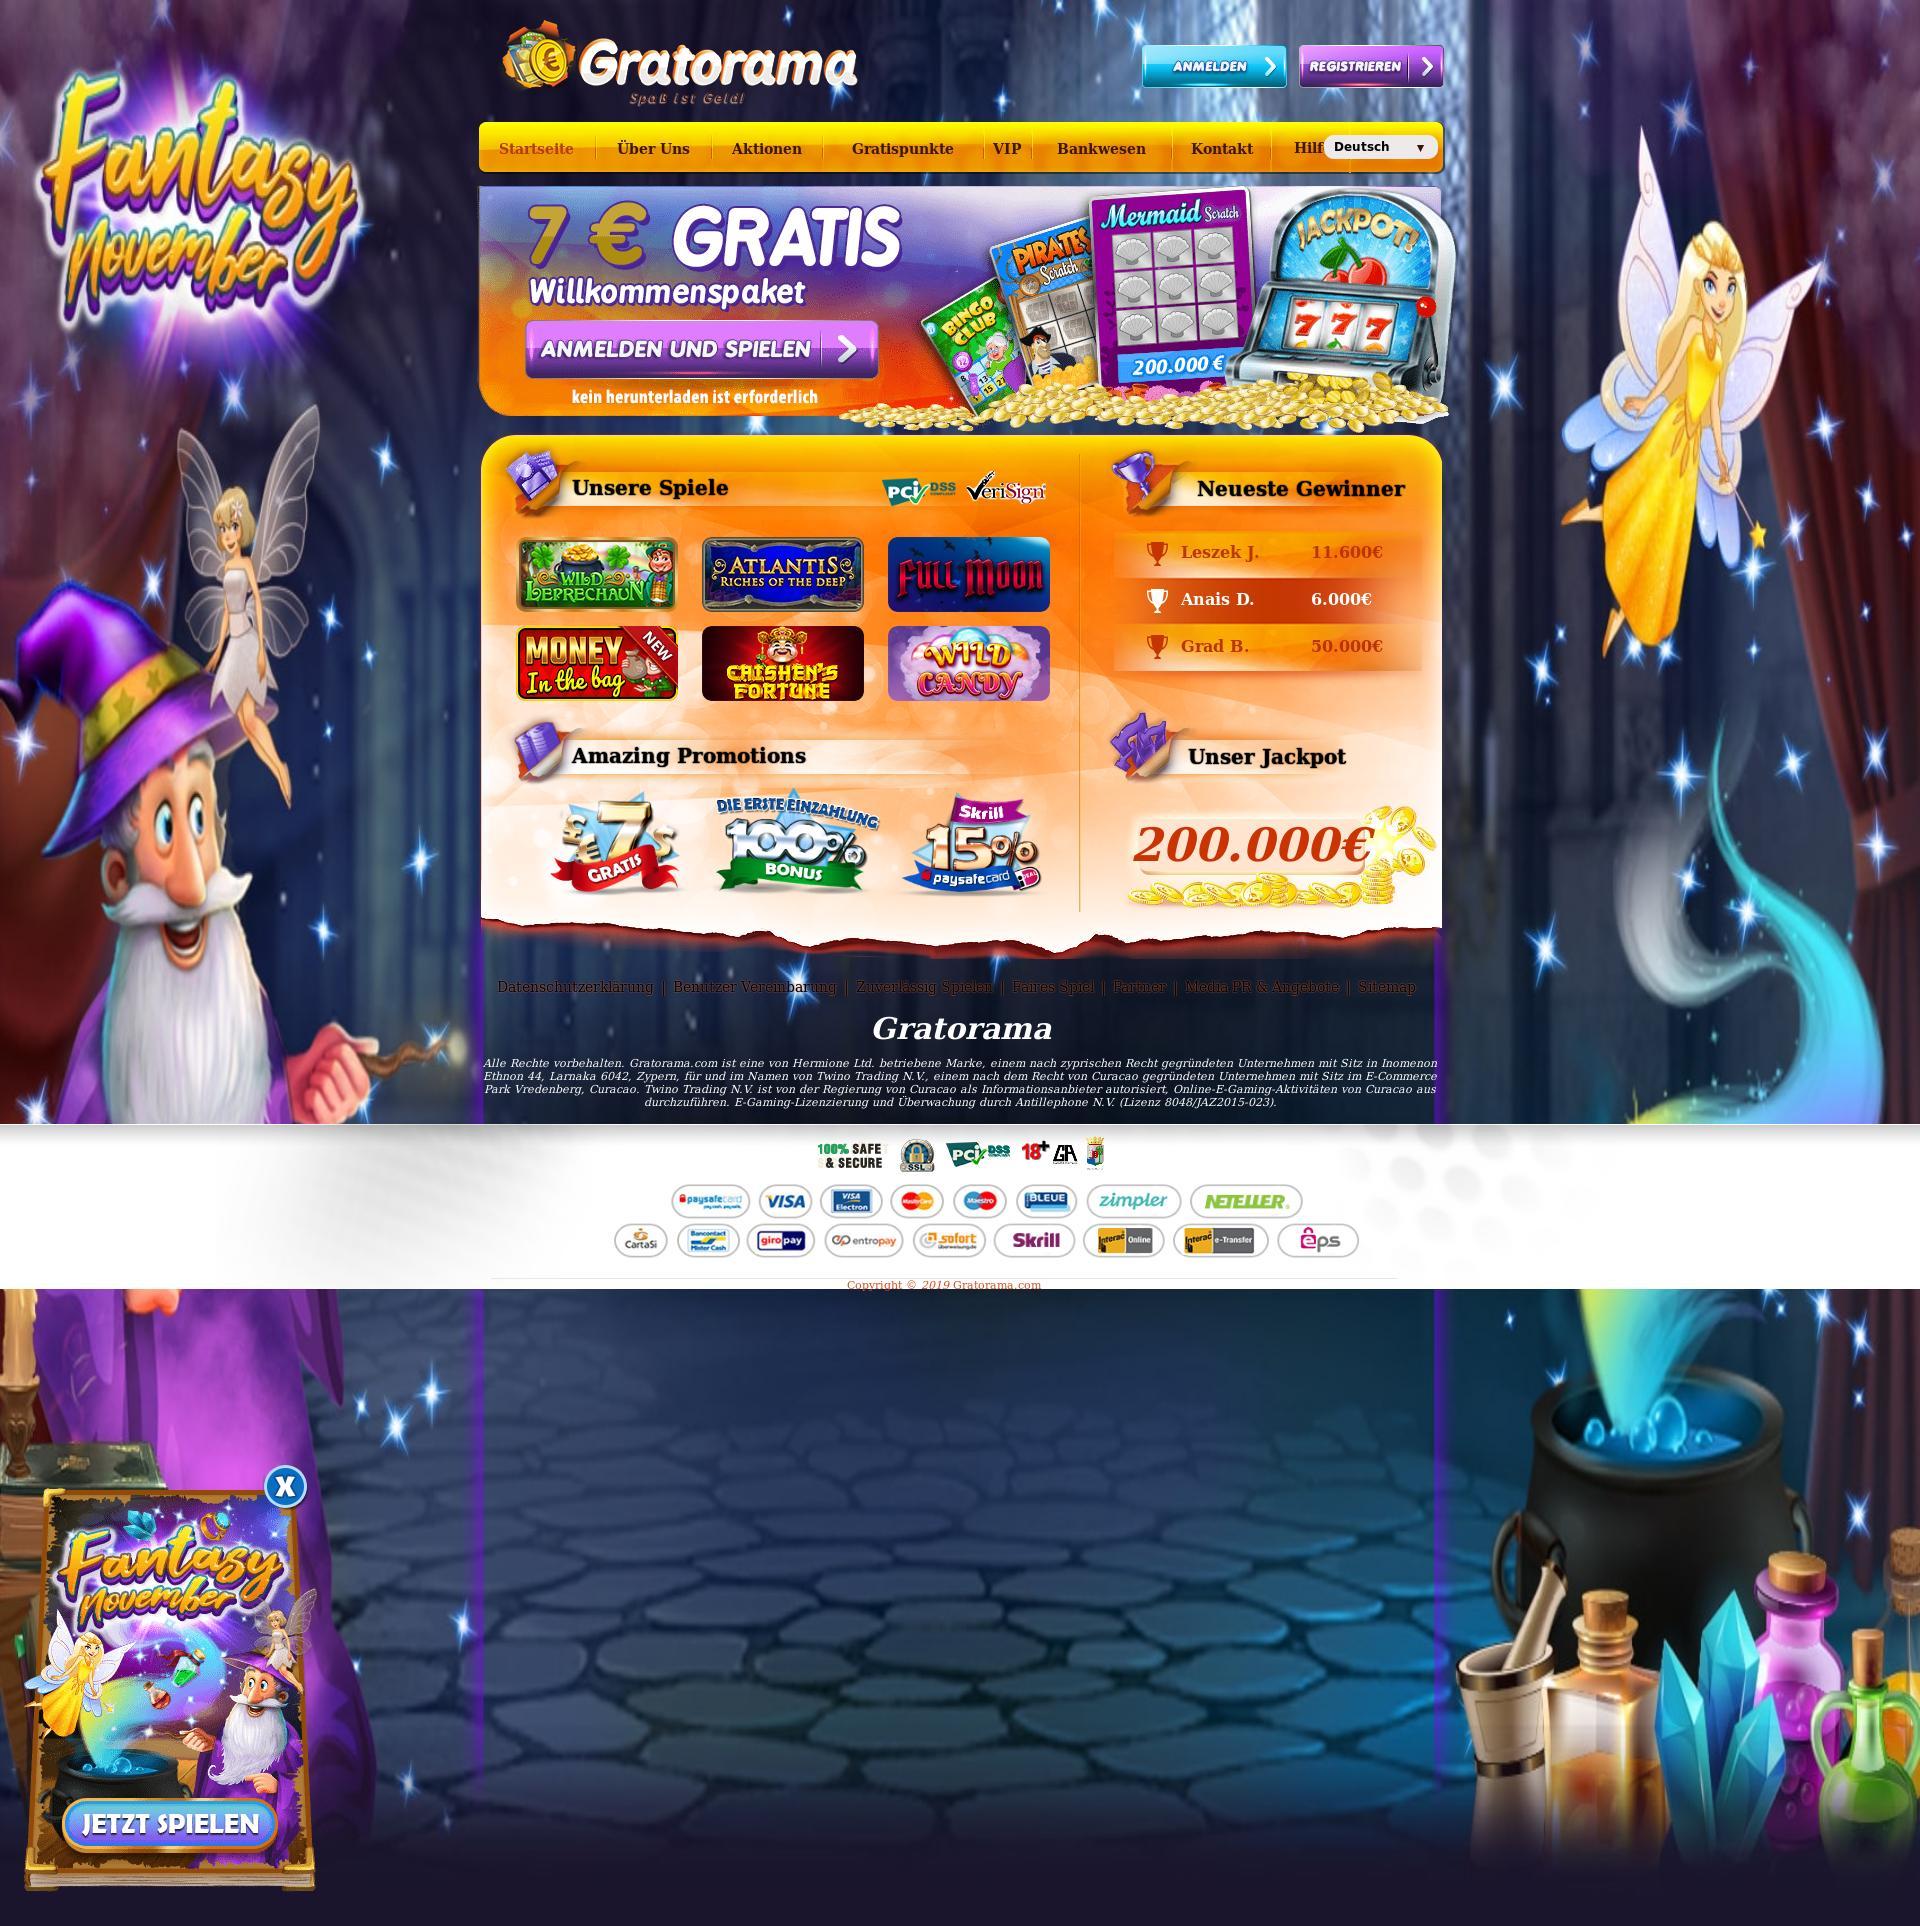 Casino Bildschirm Lobby 2019-11-16 zum Deutschland